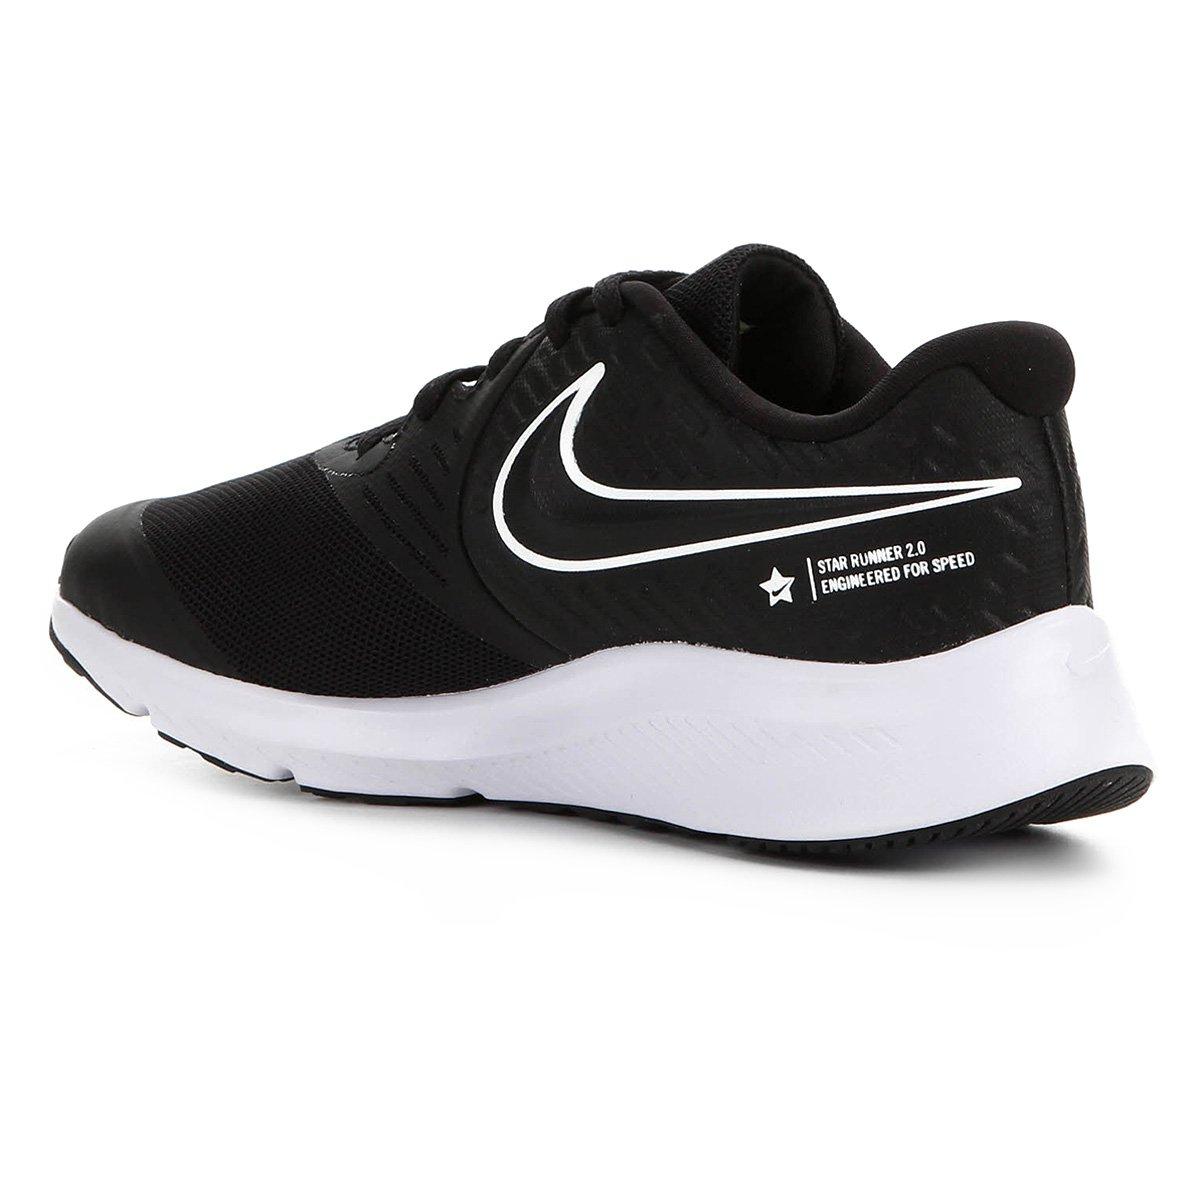 Tênis Infantil Nike Star Runner 2 GS Masculino - Tam: 35 - 1